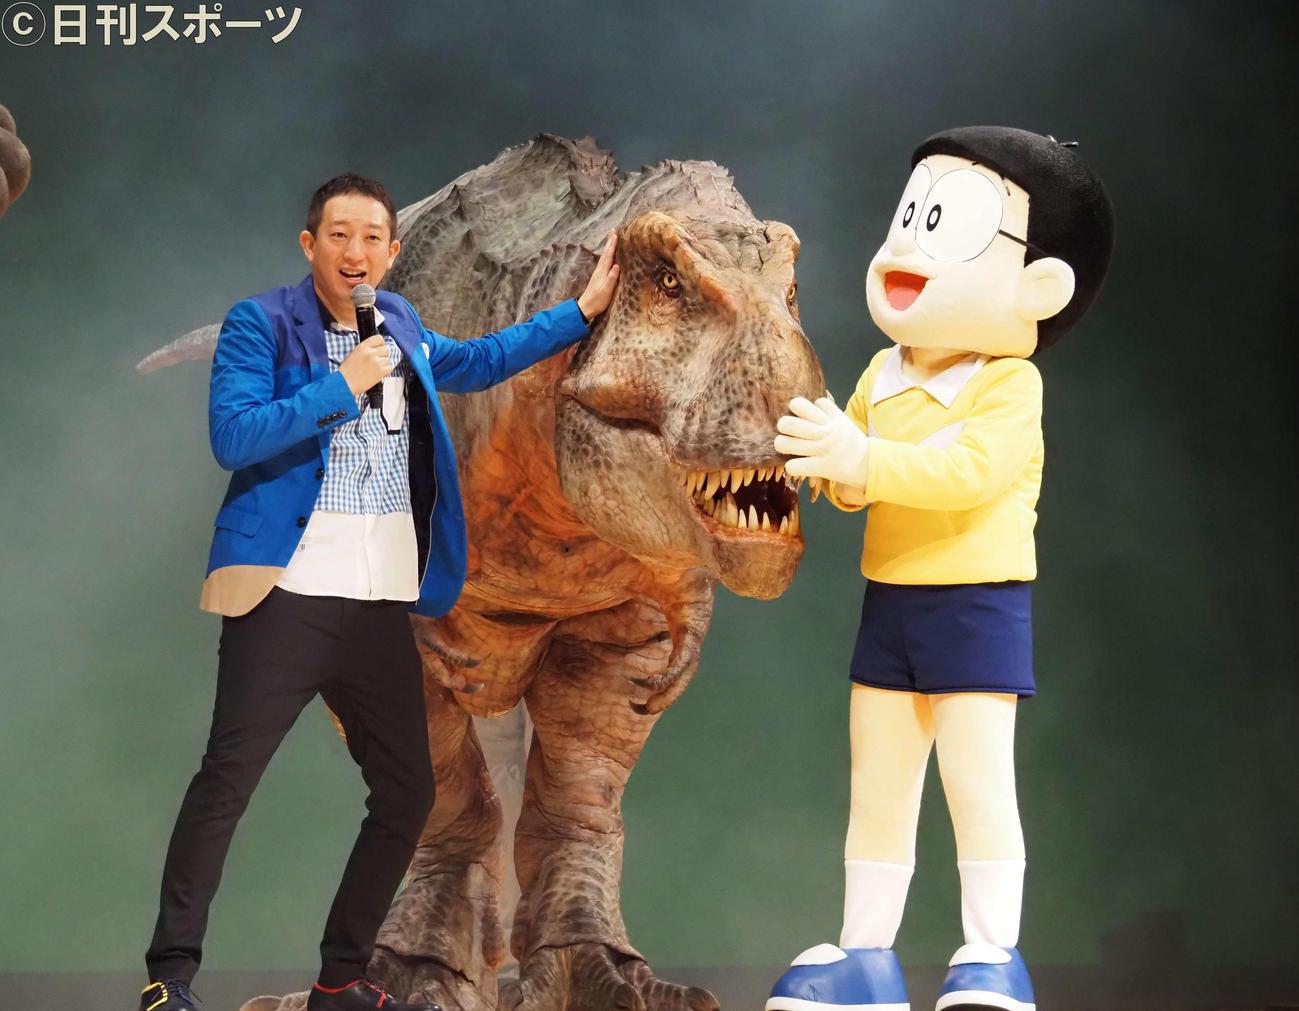 16日、「映画ドラえもん のび太の新恐竜」完成披露舞台あいさつで、サバンナ高橋茂雄(左)は恐竜の登場に驚く